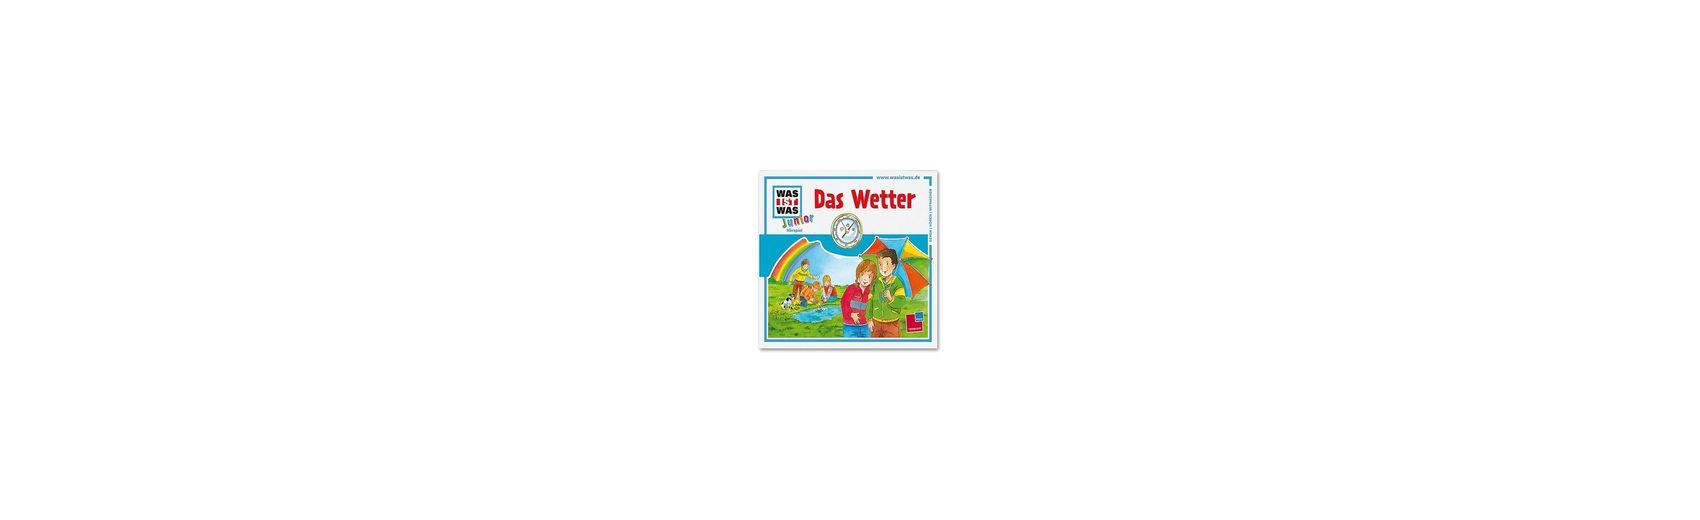 Universal Music GmbH CD Was ist Was Junior 18 - Das Wetter